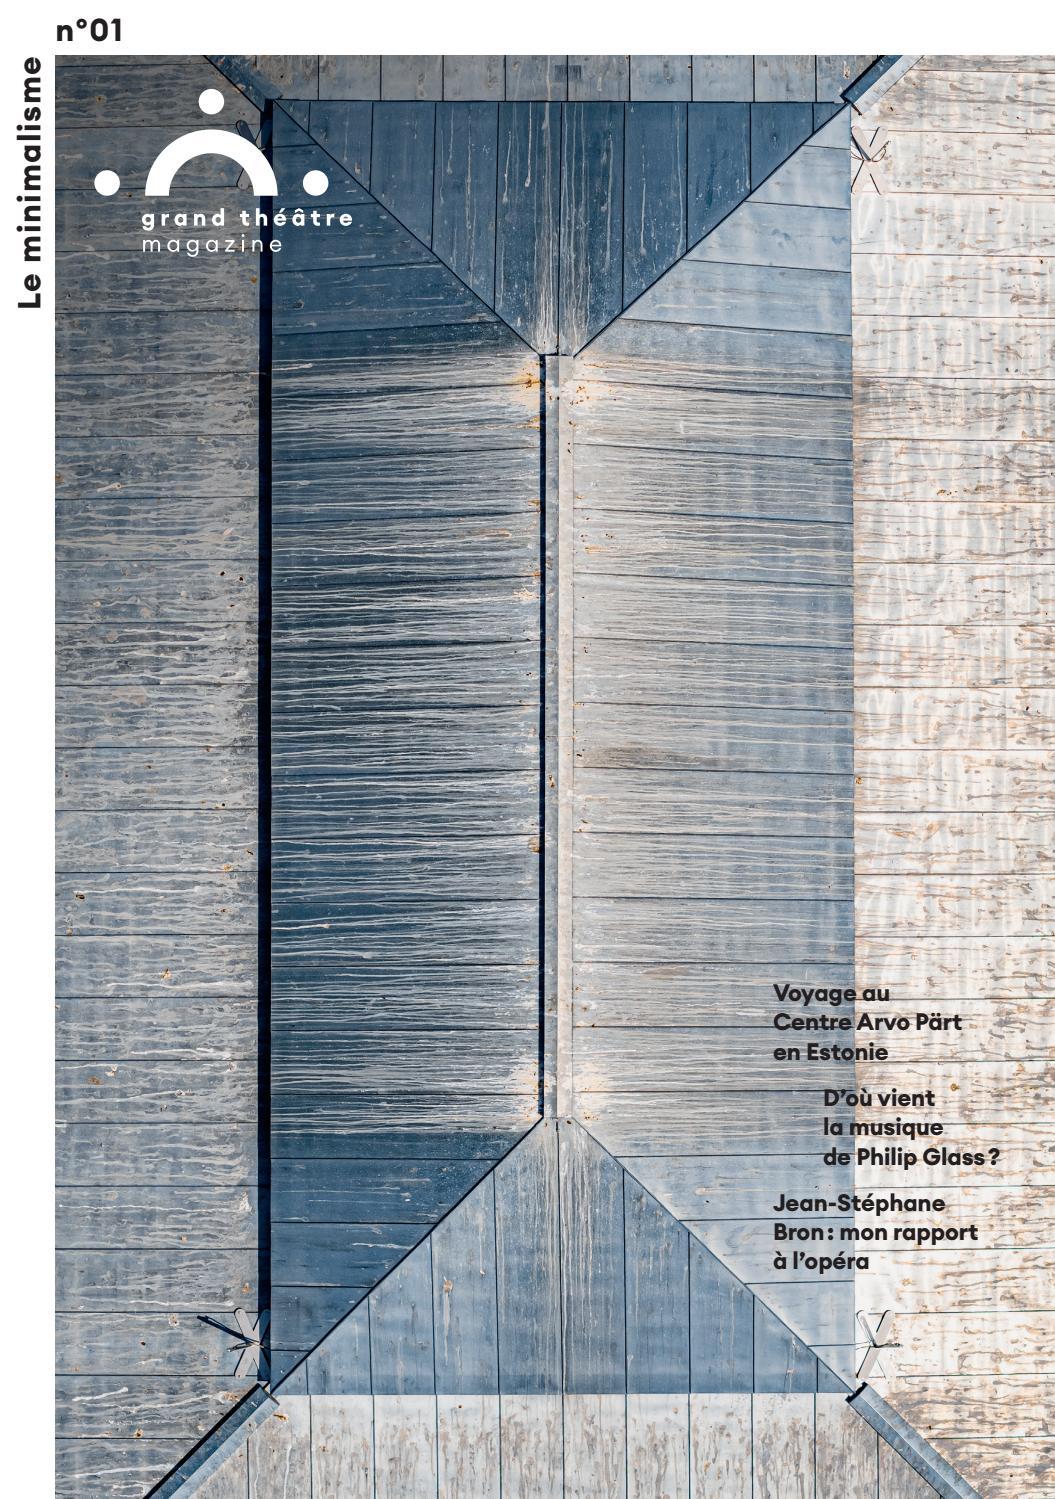 Rampe D Escalier Traduction Anglais grand théâtre magazine n°01 - le minimalismegrand